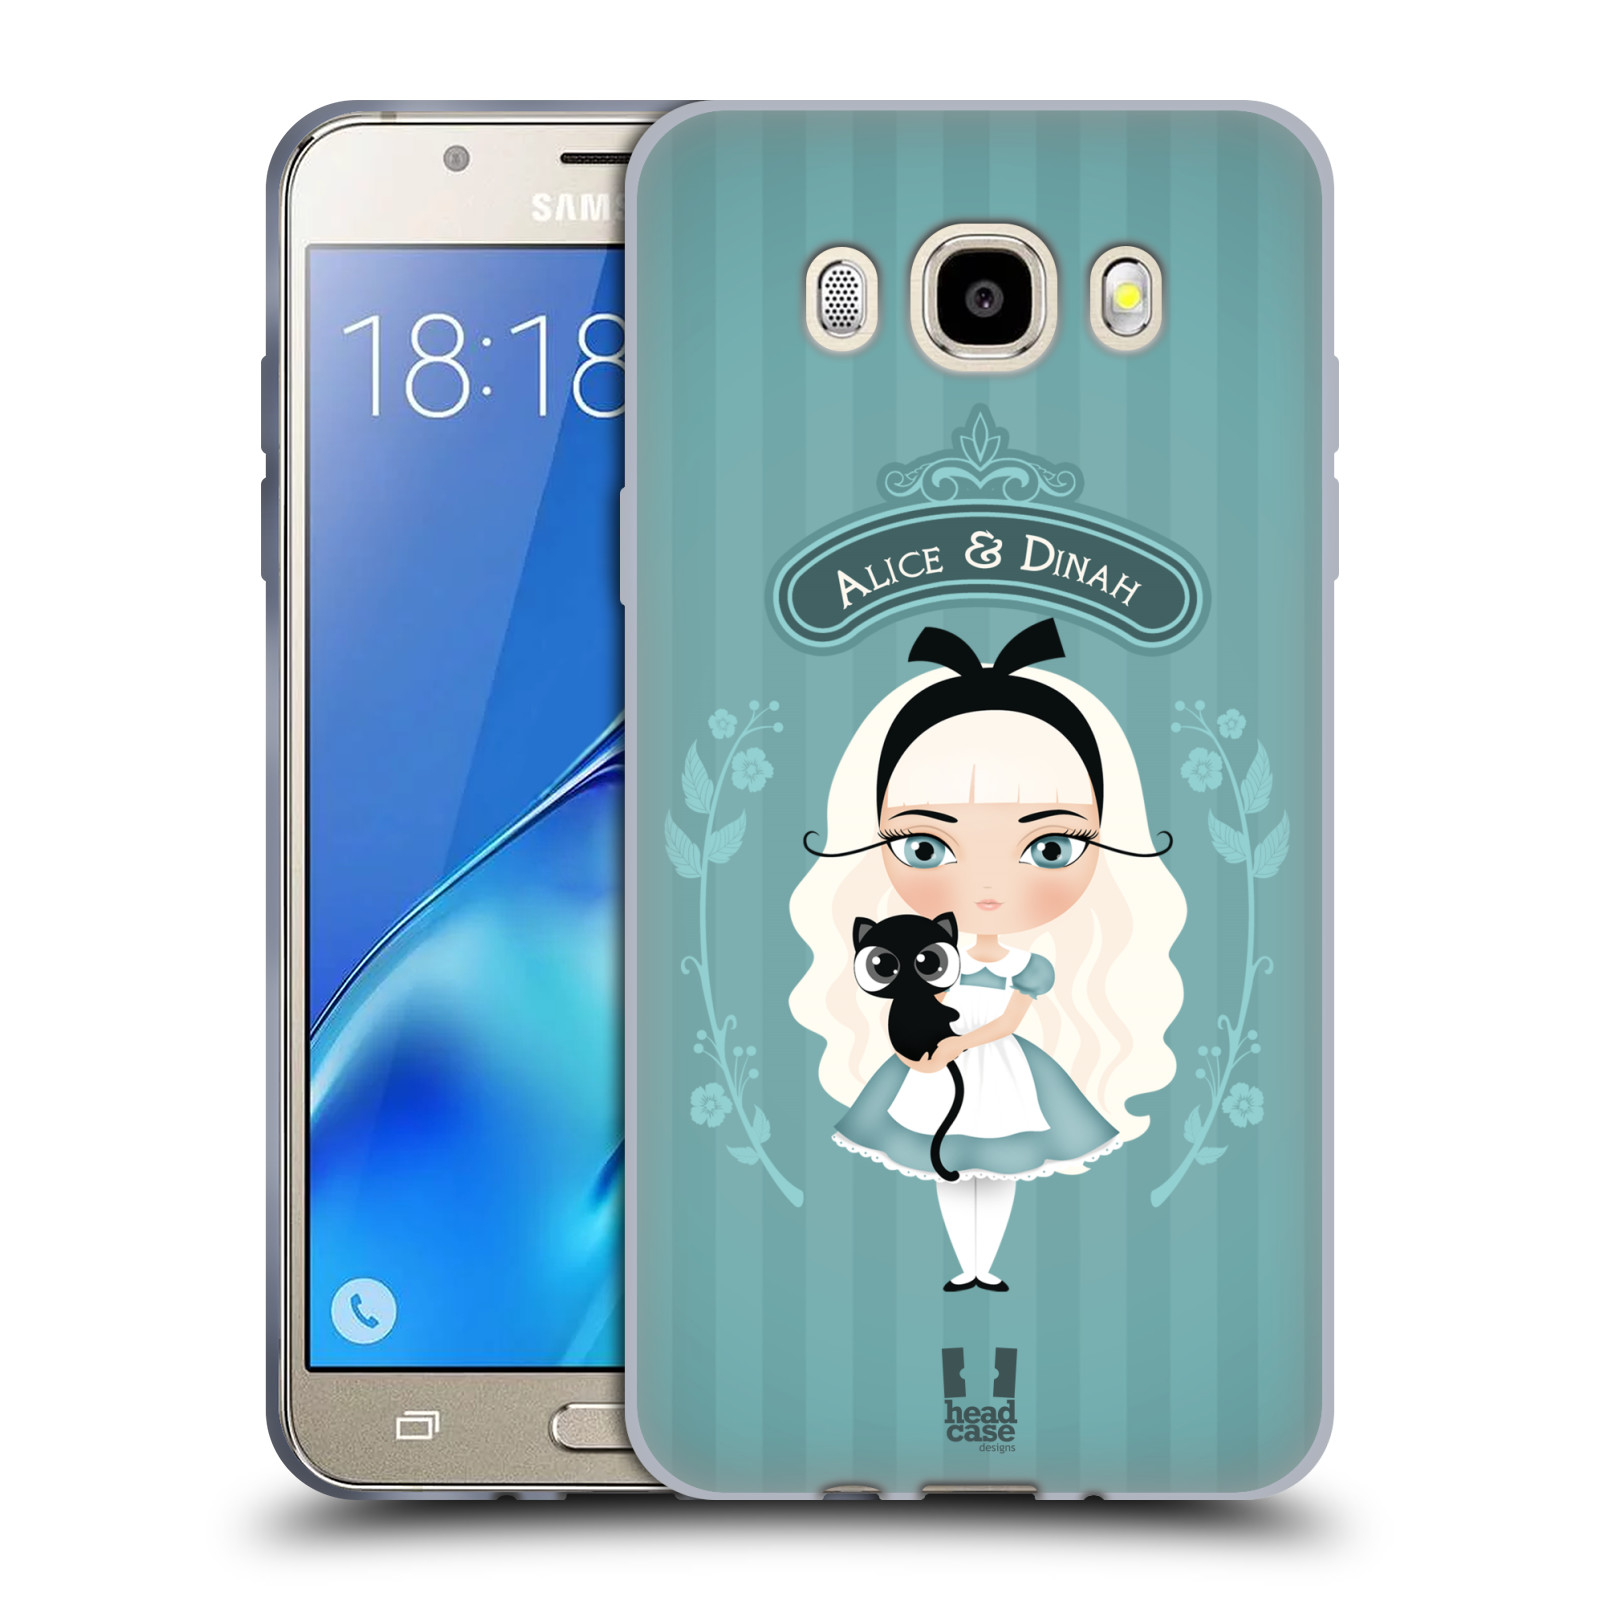 HEAD CASE silikonový obal, kryt na mobil Samsung Galaxy J5 2016, J510, J510F, (J510F DUAL SIM) vzor Alenka v říši divů Alenka